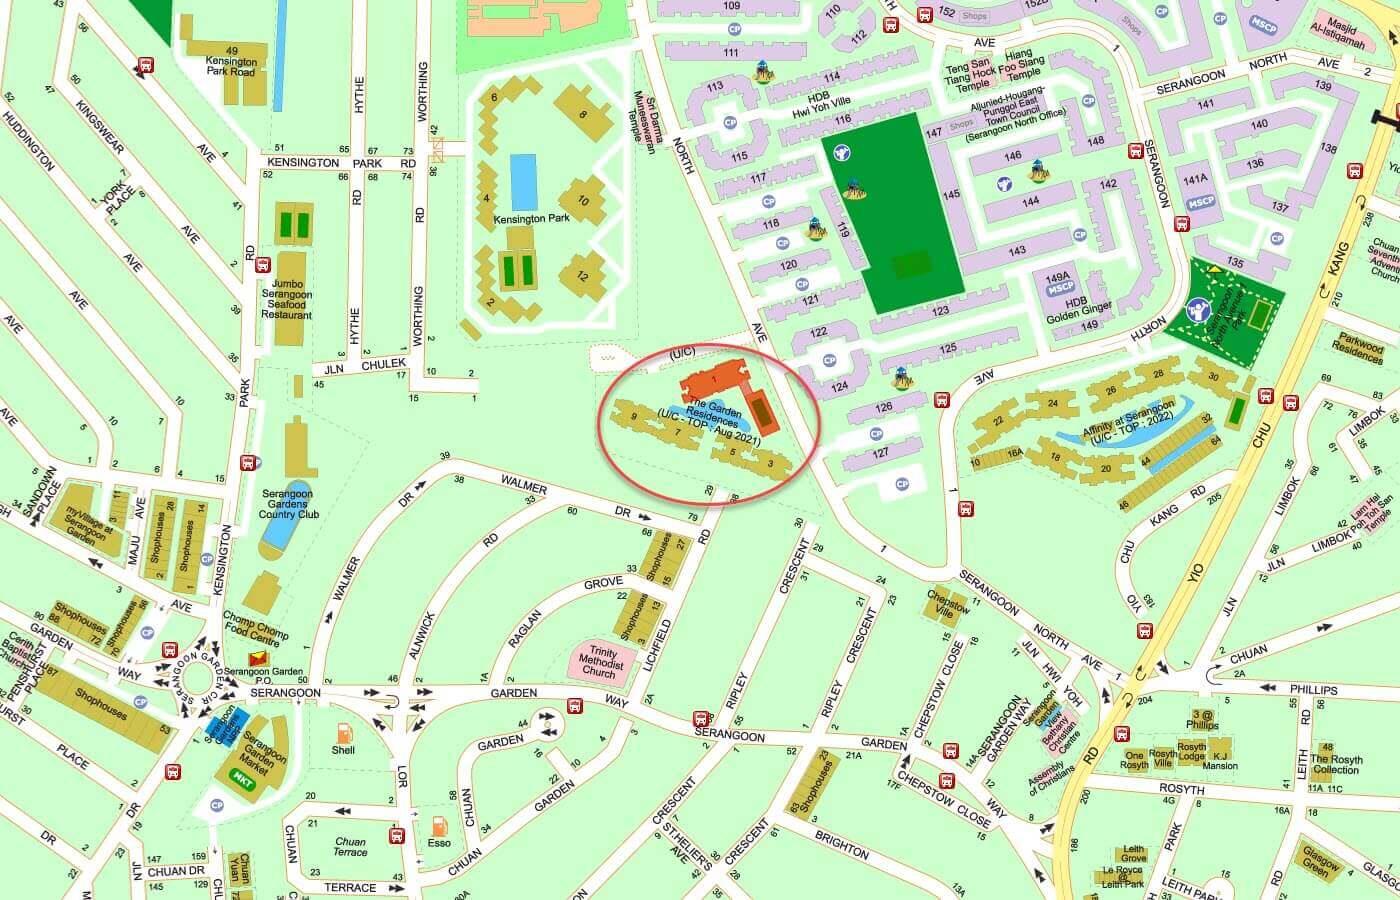 The Garden Residences Condo Street Directory Map